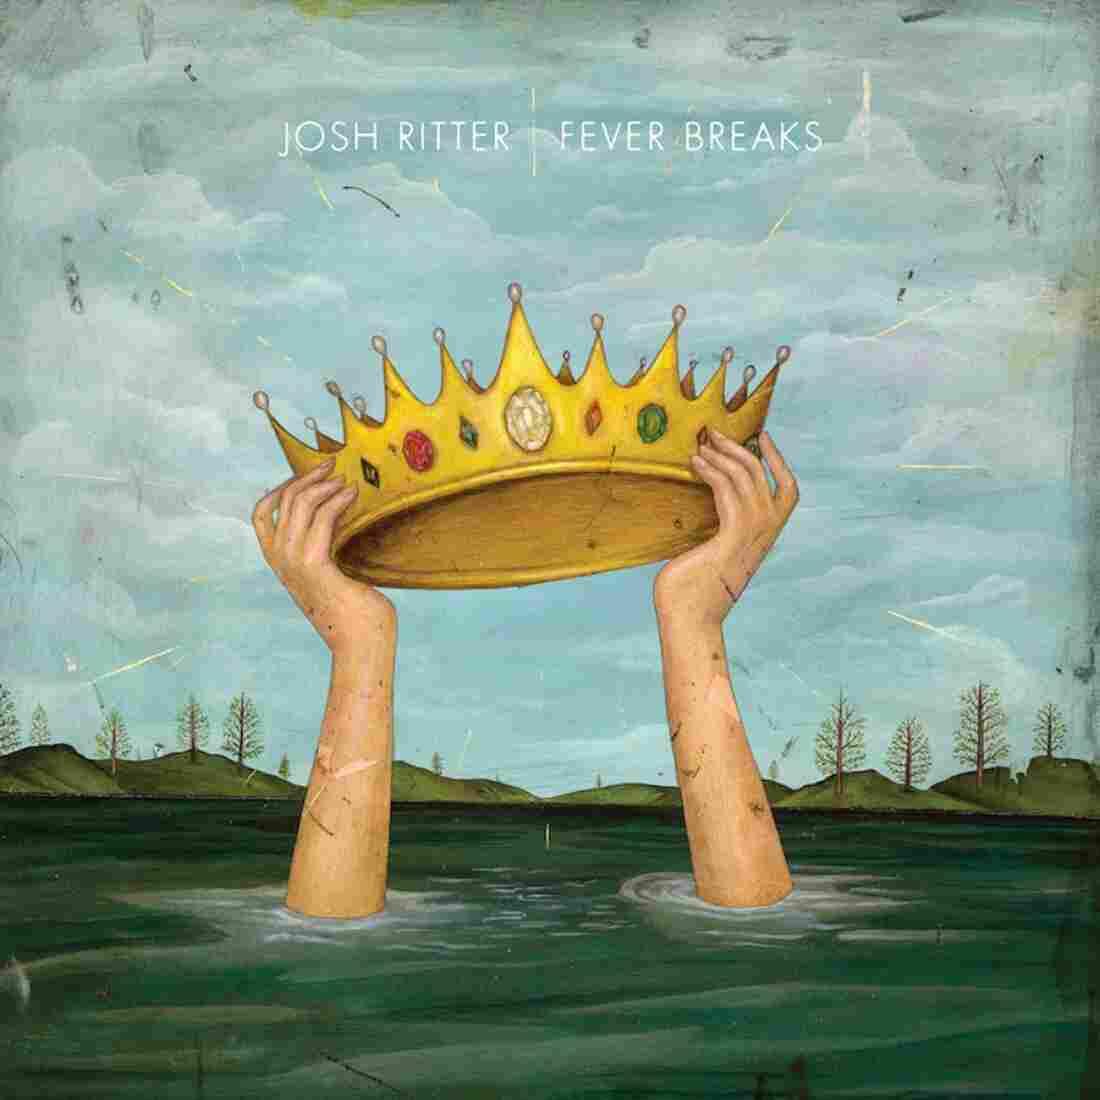 Josh Ritter, Fever Breaks